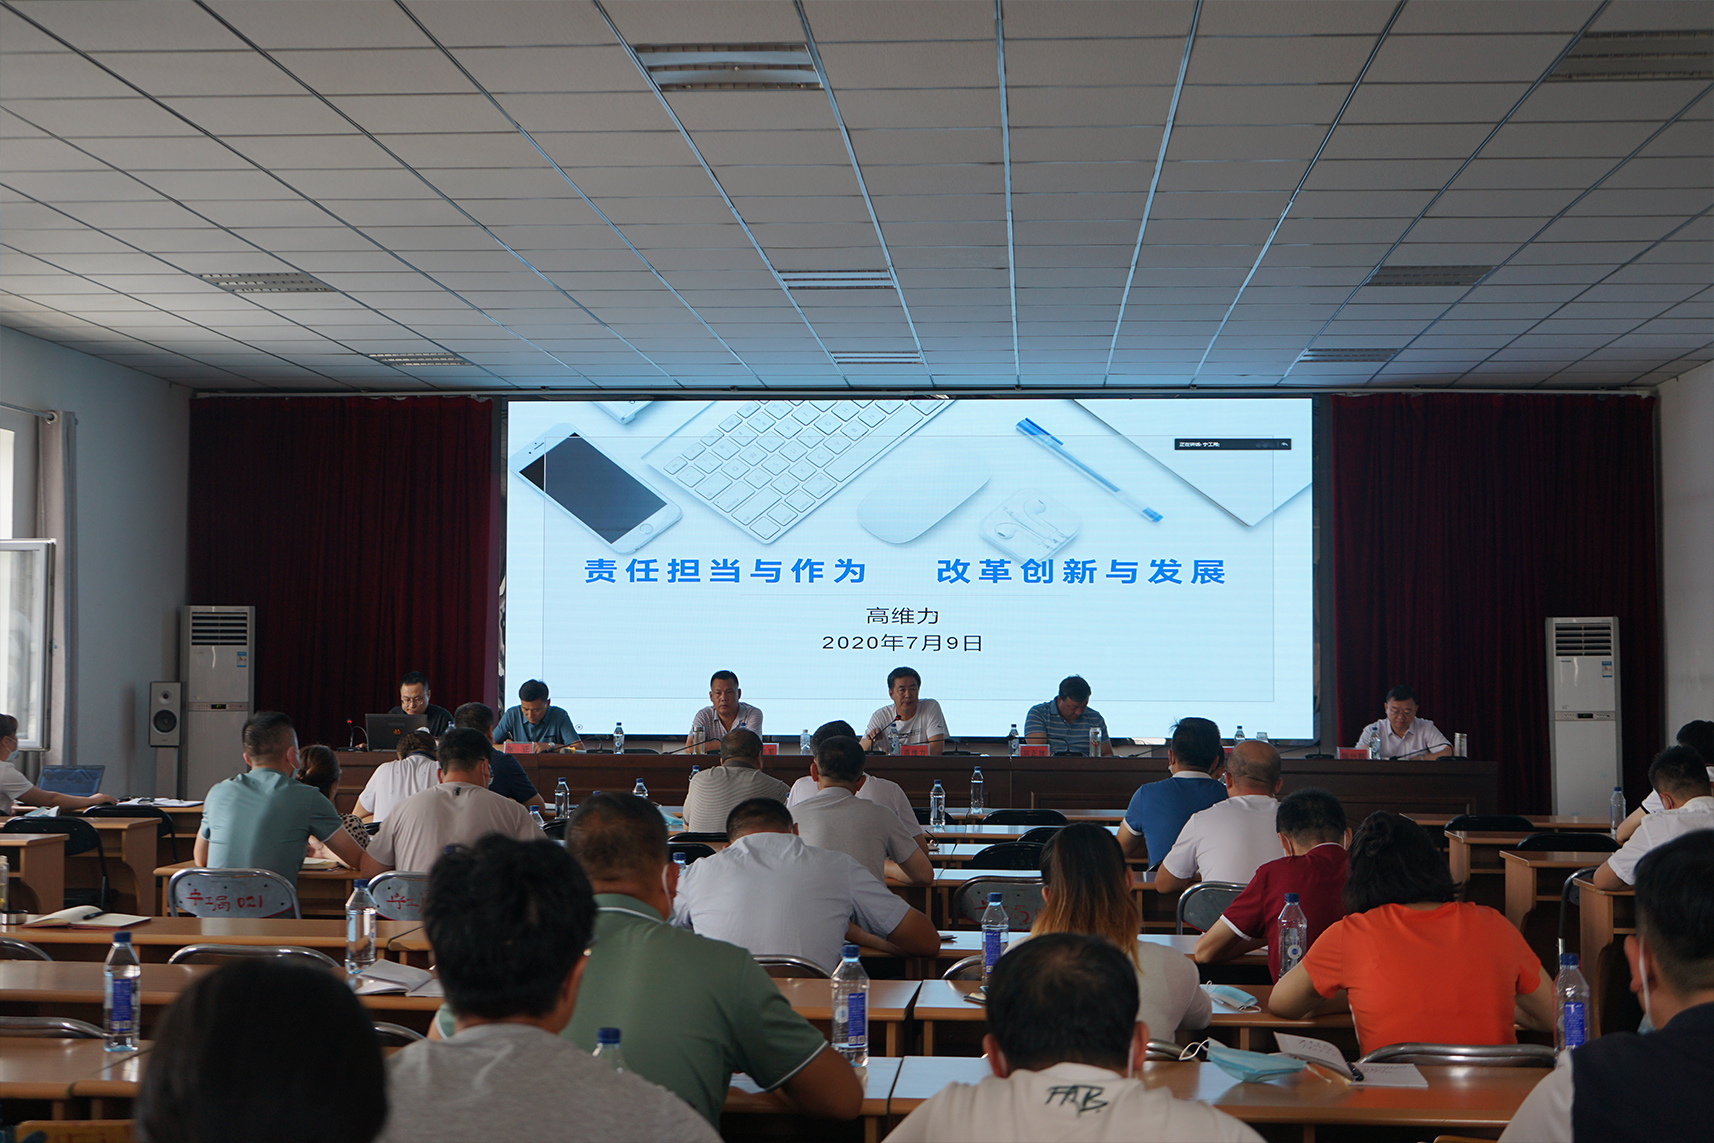 宁工局公司2020年上半年工作总结暨 下半年工作安排会议圆满召开